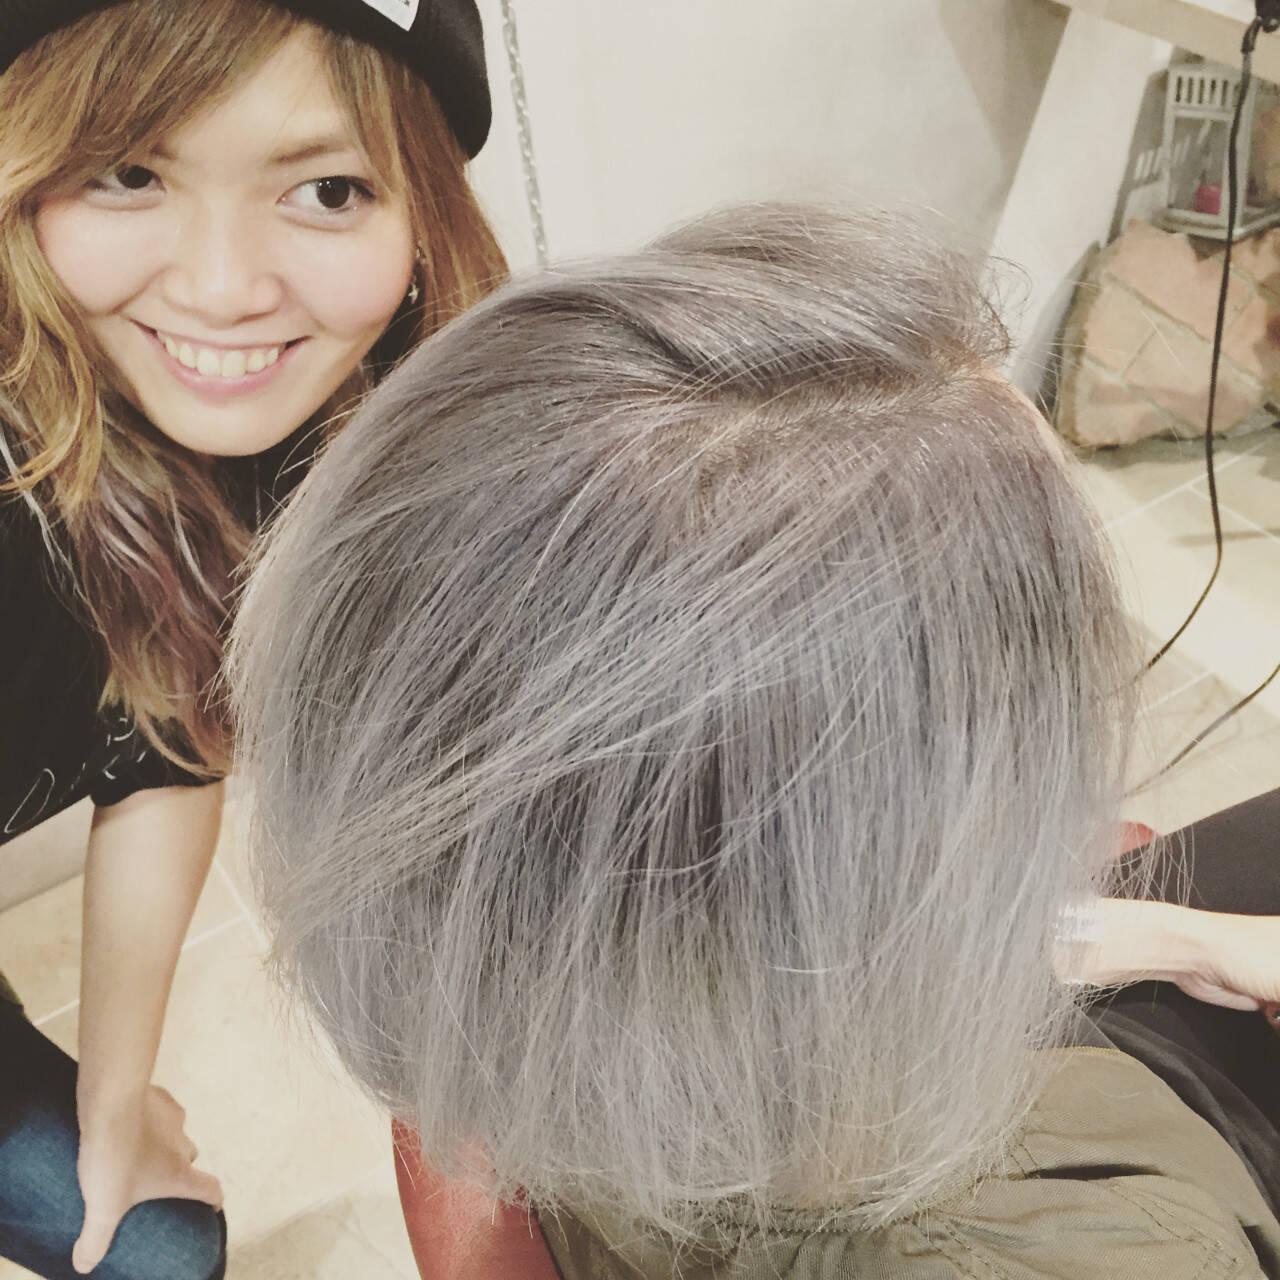 シルバーアッシュ ボブ ダブルカラー グラデーションカラーヘアスタイルや髪型の写真・画像